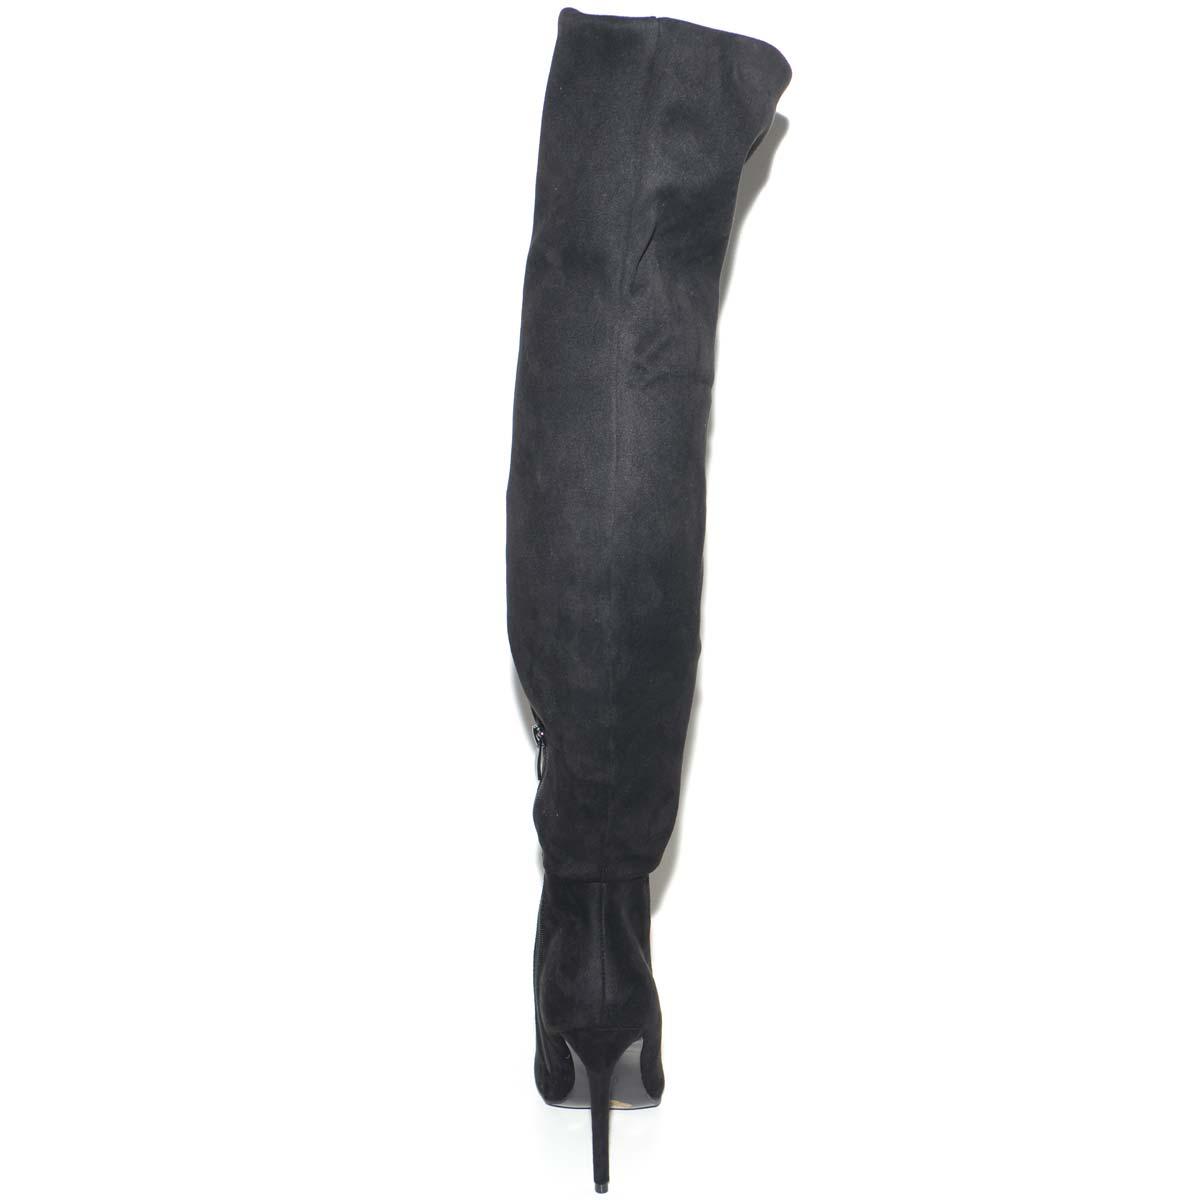 Stivali donna in camoscio nero alti sopra il ginocchio a punta con tacco a spillo moda tendenza made in italy BM180 donna stivali Malu Shoes |